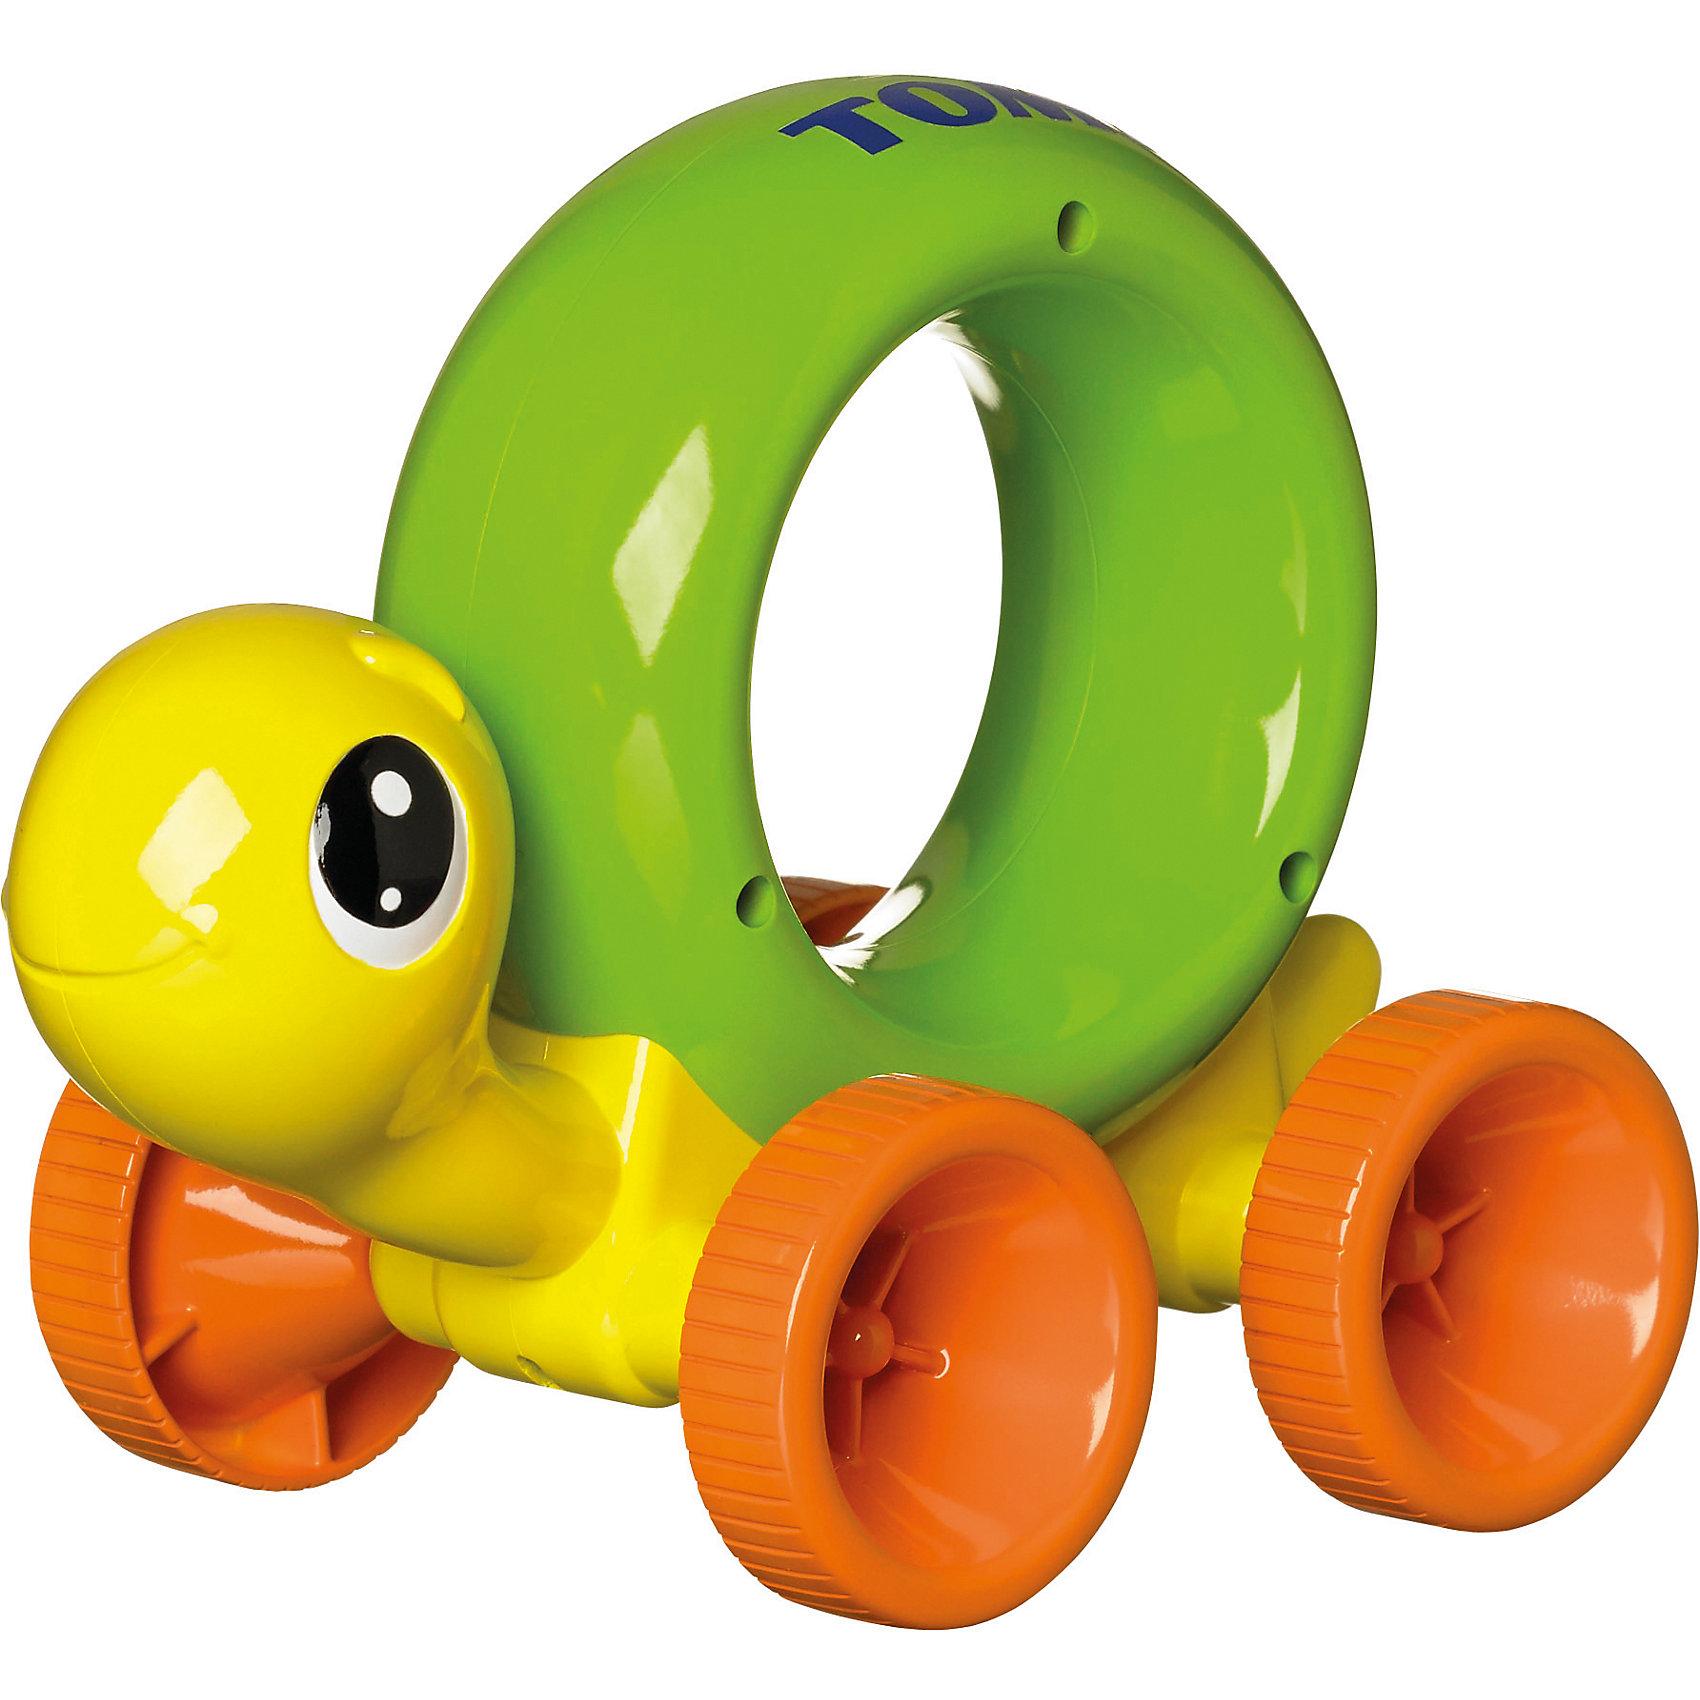 Игрушка Нажимай и Играй - Черепашка, TOMYЭта забавная черепашка поможет вашему малышу научиться быстро ползать, порадует его яркой расцветкой, подарит хорошее настроение. Игрушка изготовлена из гипоаллергенного материала, не имеет острых углов, абсолютно безопасна для ребенка. Панцирь черепашки выполнен в виде кольца, за которое очень удобно держаться маленькой детской ручкой. Малыш будет катить черепашку впереди себя, нажимая на панцирь, игрушка начнет ускоряться - кроха будет ползти за ней. <br><br>Дополнительная информация:<br><br>- Материал: пластик.<br>- Высота: 17х11х14 см.<br>- Цвет: желтый, оранжевый, светло-зеленый.<br><br>Игрушку Нажимай и Играй - Черепашка, TOMY (Томи) можно купить в нашем магазине.<br><br>Ширина мм: 210<br>Глубина мм: 125<br>Высота мм: 160<br>Вес г: 360<br>Возраст от месяцев: 9<br>Возраст до месяцев: 36<br>Пол: Унисекс<br>Возраст: Детский<br>SKU: 3922278